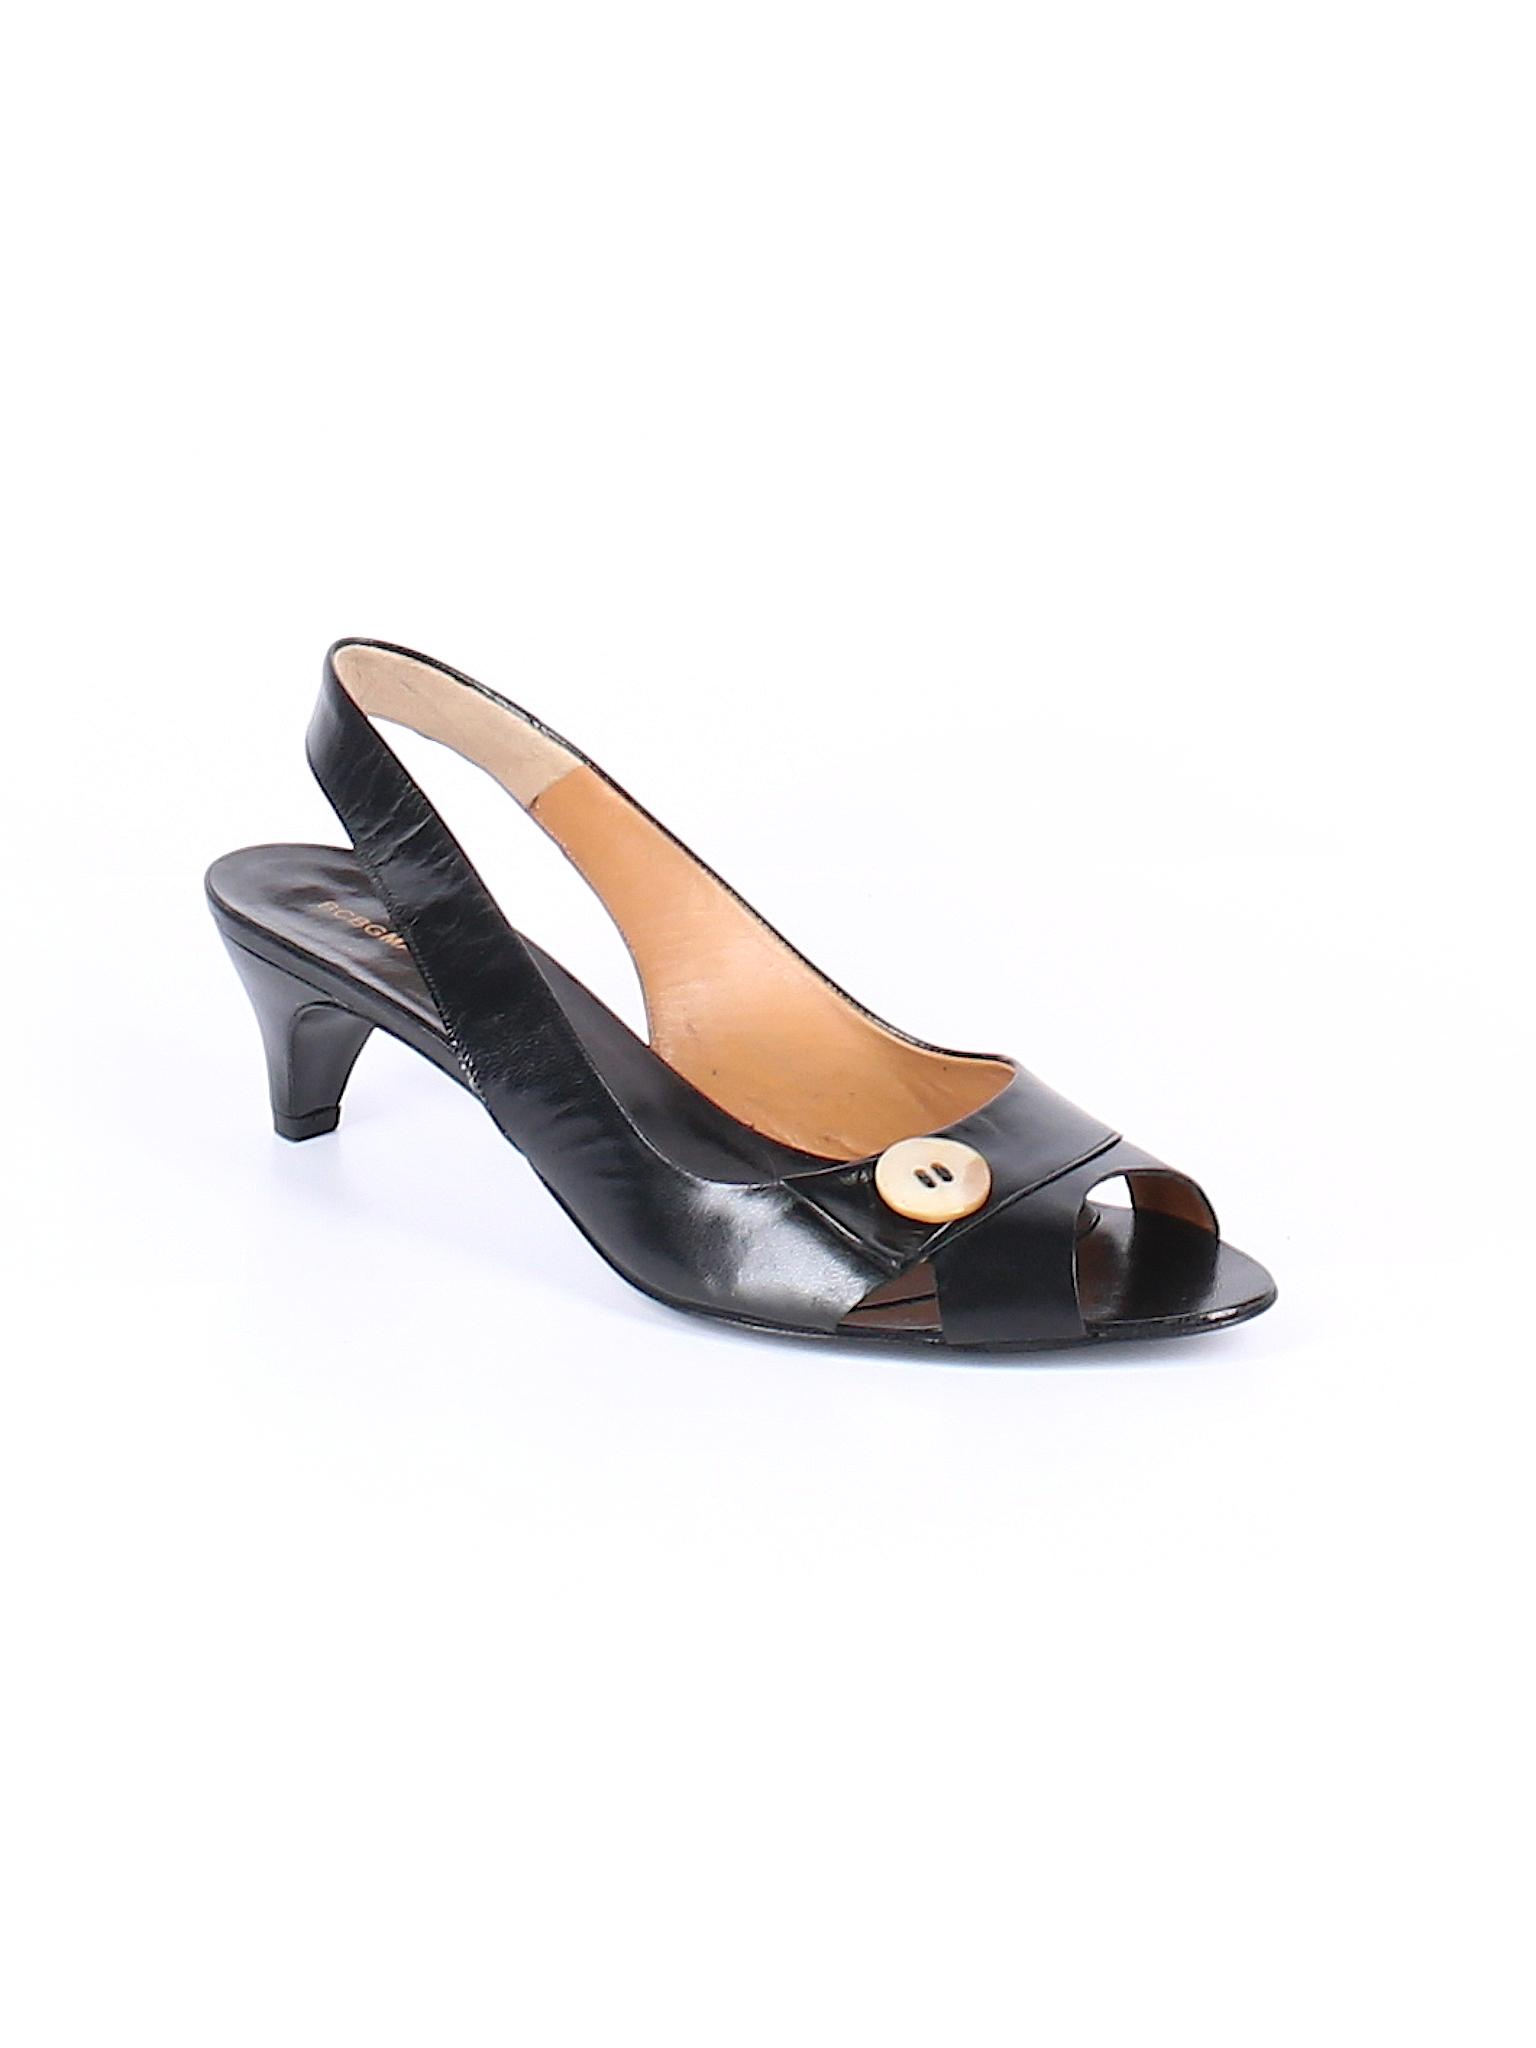 Boutique promotion Boutique Heels BCBGMAXAZRIA Boutique promotion Heels BCBGMAXAZRIA 6E4q5xww